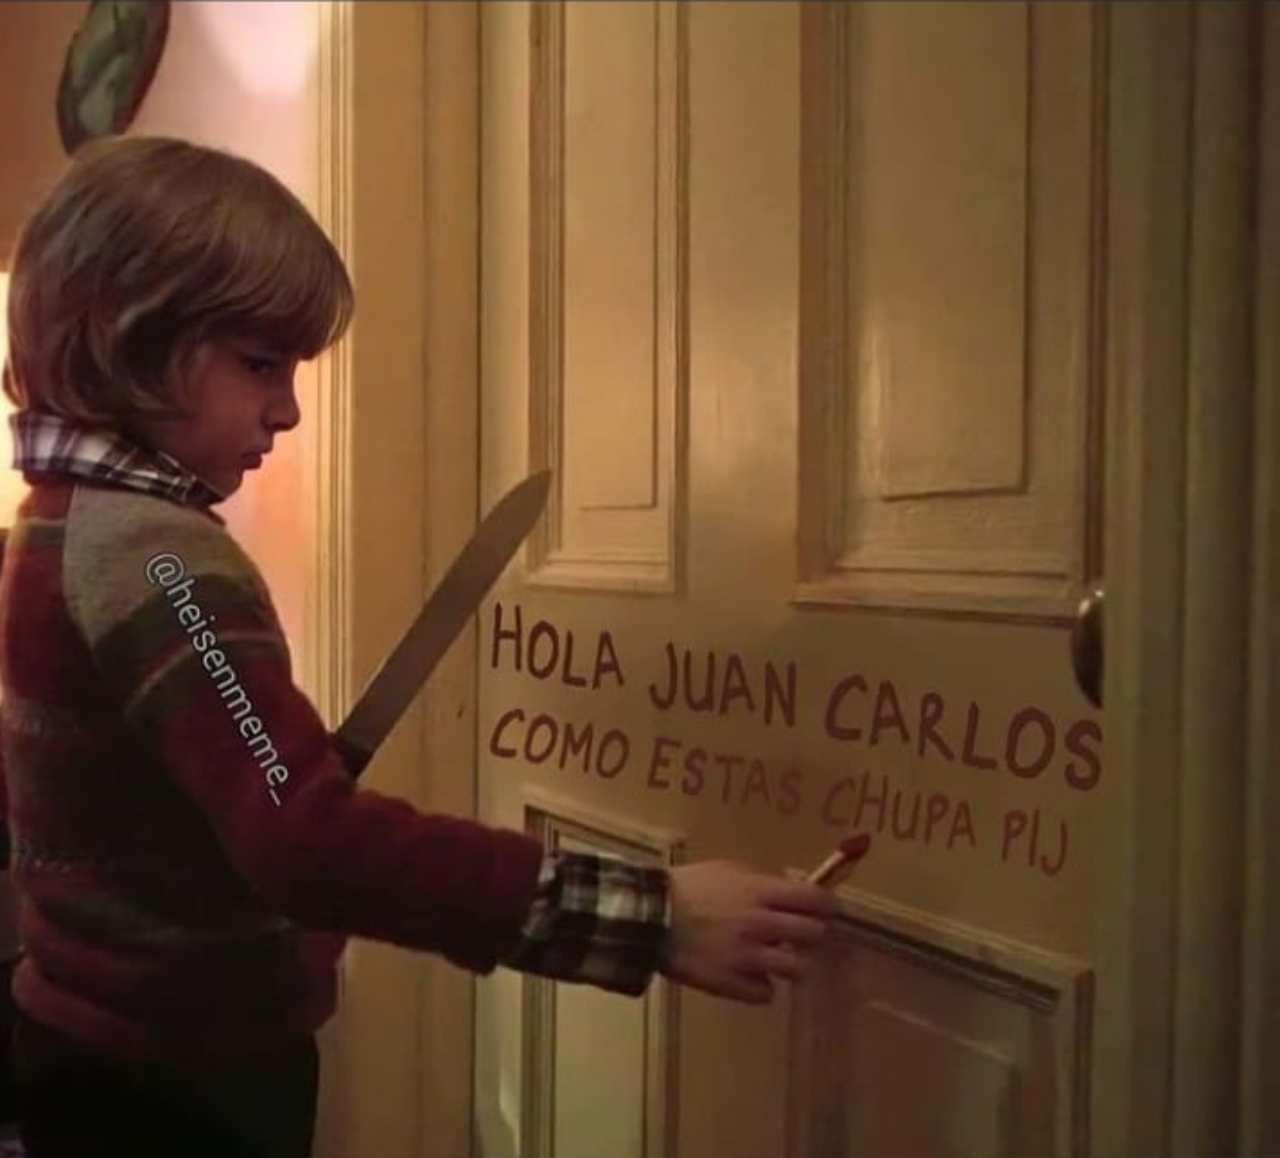 Origen audio Juan Carlos Chupapjas